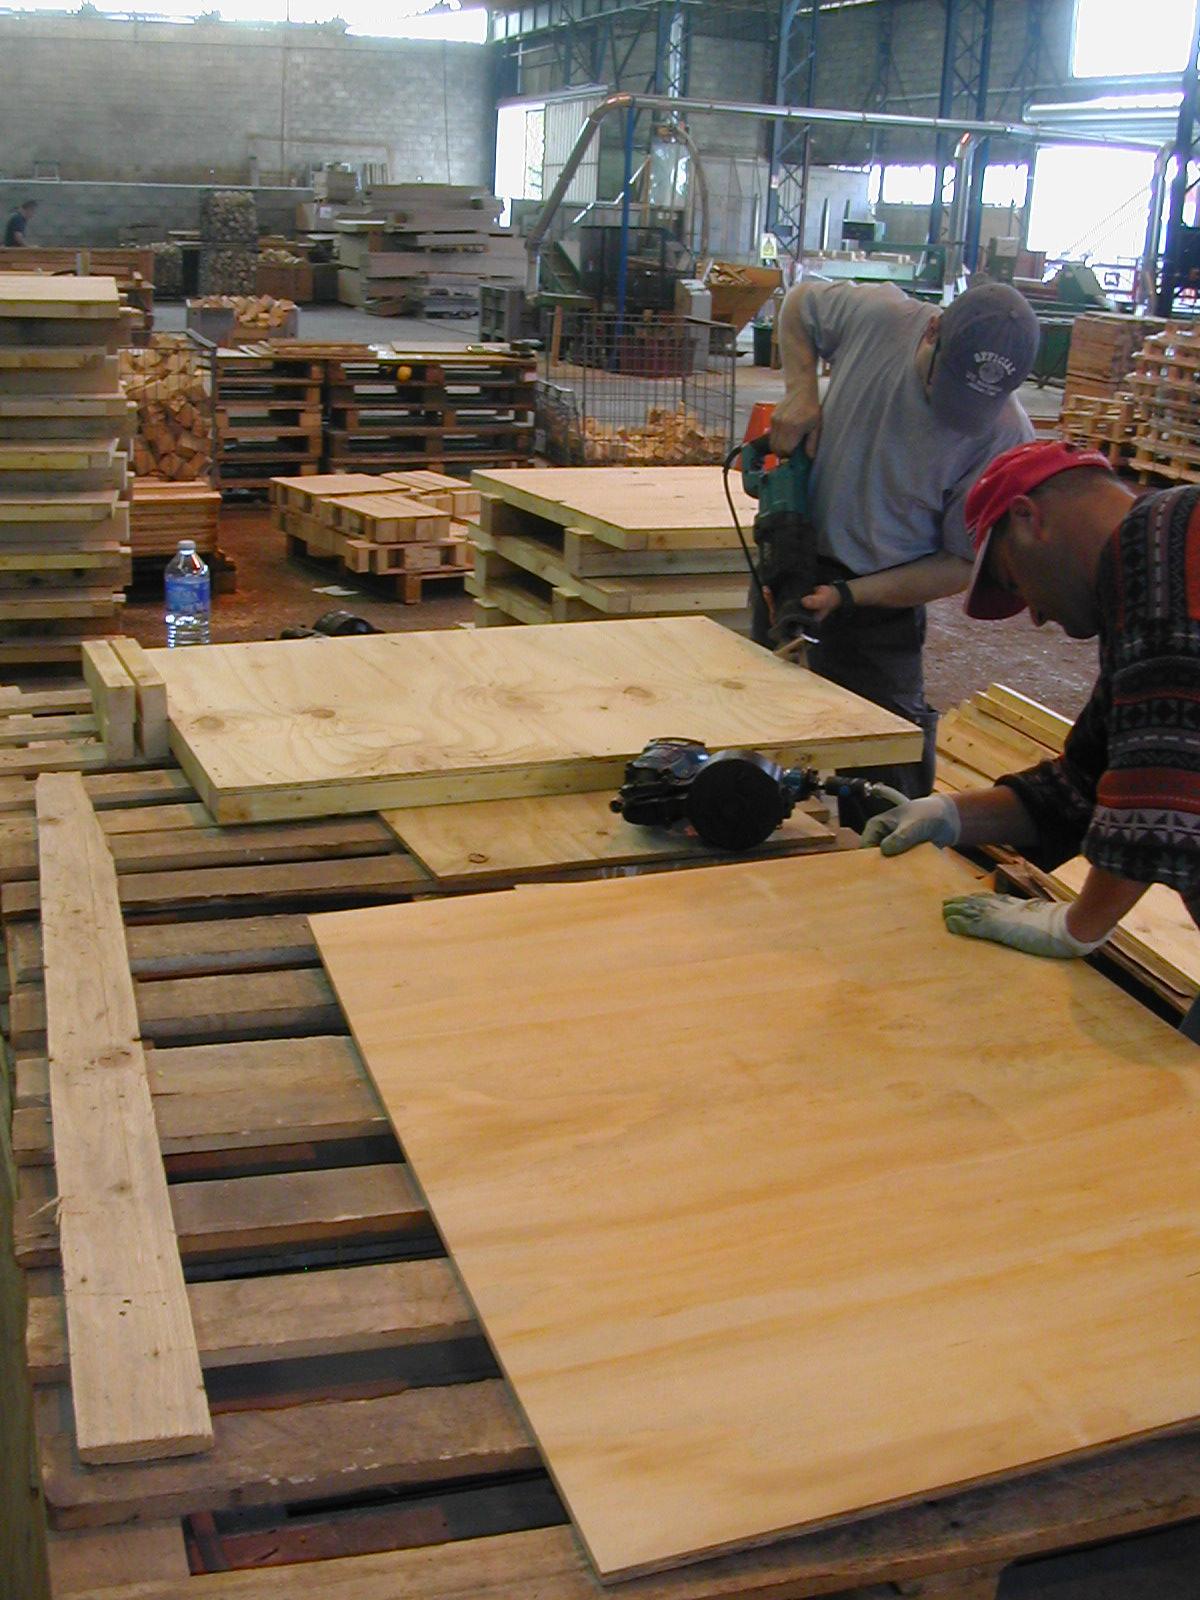 afin d etre coherent avec celle ci l immense majorite des essences de bois utilisees est directement extraite des forets avoisinantes essentiellement de